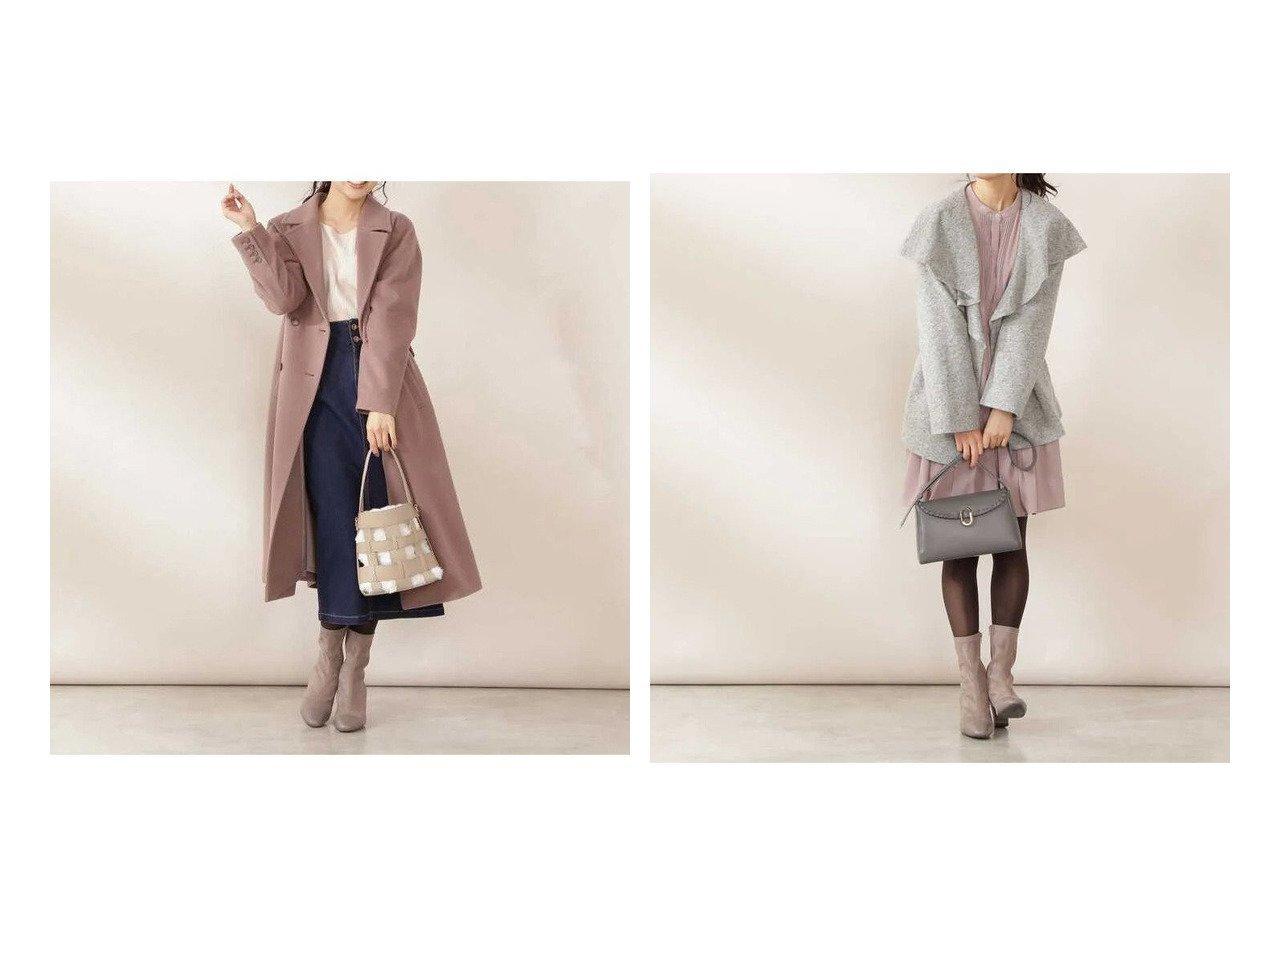 【PROPORTION BODY DRESSING/プロポーション ボディドレッシング】のビッグカラーチェスターコート&ビッグラペルショートコート 【アウター】おすすめ!人気、トレンド・レディースファッションの通販 おすすめで人気の流行・トレンド、ファッションの通販商品 インテリア・家具・メンズファッション・キッズファッション・レディースファッション・服の通販 founy(ファニー) https://founy.com/ ファッション Fashion レディースファッション WOMEN アウター Coat Outerwear コート Coats チェスターコート Top Coat ショルダー チェスターコート ドロップ フロント ポケット ロング 人気 ショート ドレープ ビッグ |ID:crp329100000062663